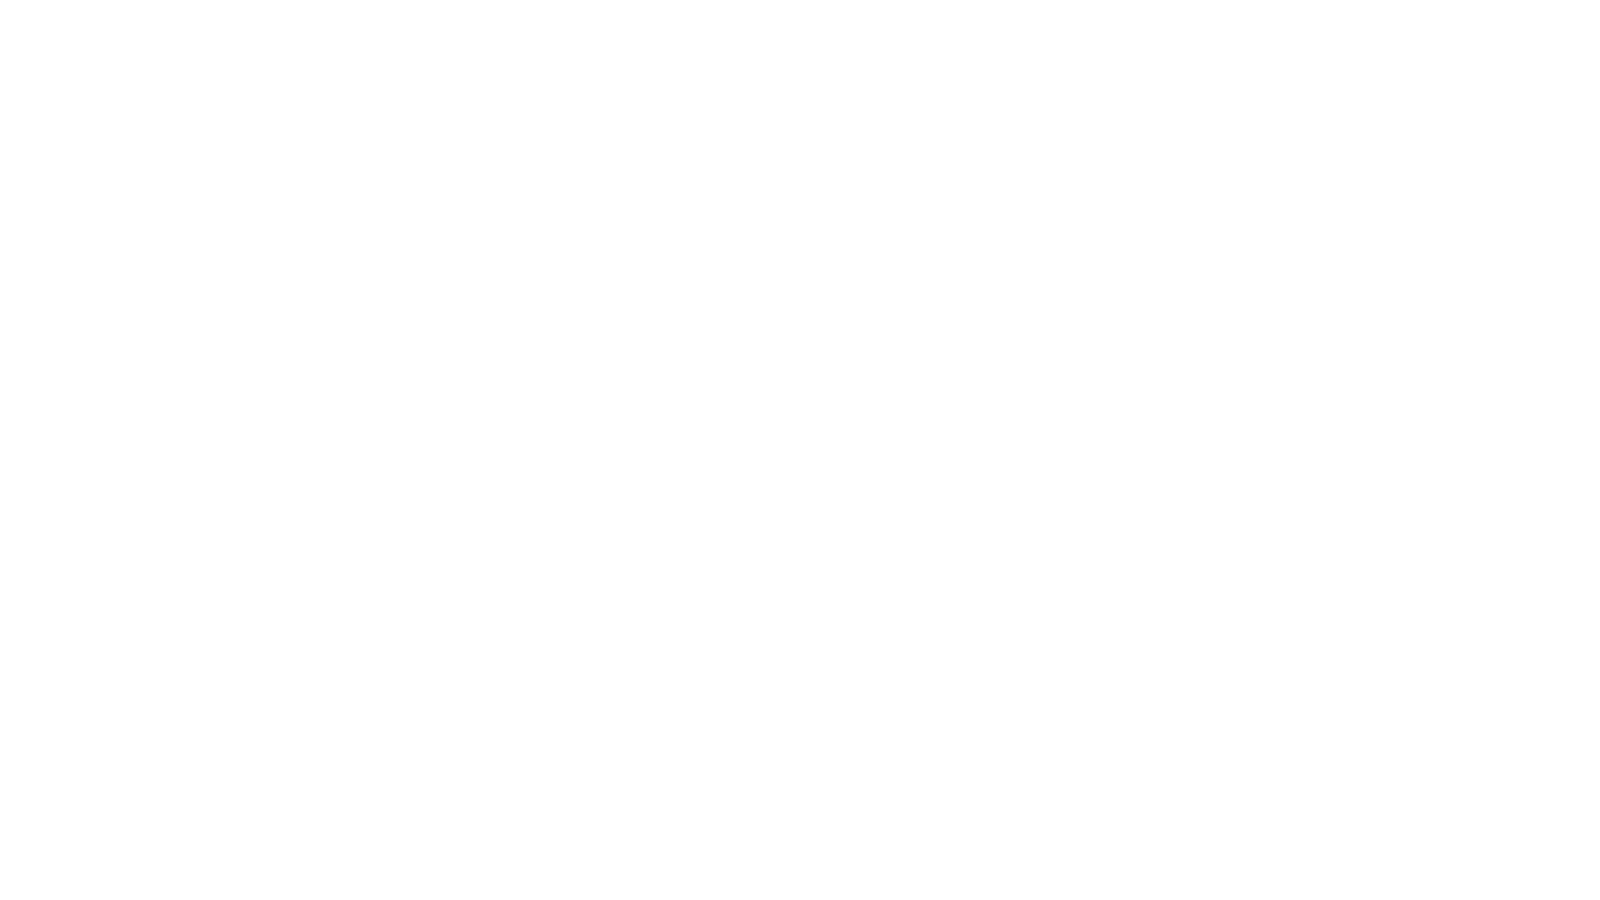 本日は、ヨアンの「Together」という瞬間移動マジックの種明かし動画です。  ダブルリフト等の基本技法な技法と、アーサーフィンリーのテントバニッシュさえできれば、機能するマジックなので、覚えておくと損はないでしょう。  以下、新商品のご案内です。  ビューティ・ミッション https://magic-secrets.net/ms-tus/beauty_mission/  OSP3 https://magic-secrets.net/ms-tus/osp3/   もっとマジックが上手くなりたいなら、僕のブログ↓も覗いてみて下さい。 https://magic-secrets.net/blog/  お問い合わせは、MAGIC SECRETSのお問い合わせページよりお気軽にお問い合わせ下さい。 ショップの窓口ですが、躊躇せず何でもお気軽にご連絡下さい。 https://magic-secrets.net/contact/  さて、今回のマジックの種明かし動画はいかがでしたか? もしよろしければ、感想やご意見等、コメントを残していただけると嬉しいです。 こんなマジックを解説してほしいというご要望なども受け付けております。   #マジック #手品 #カードマジック